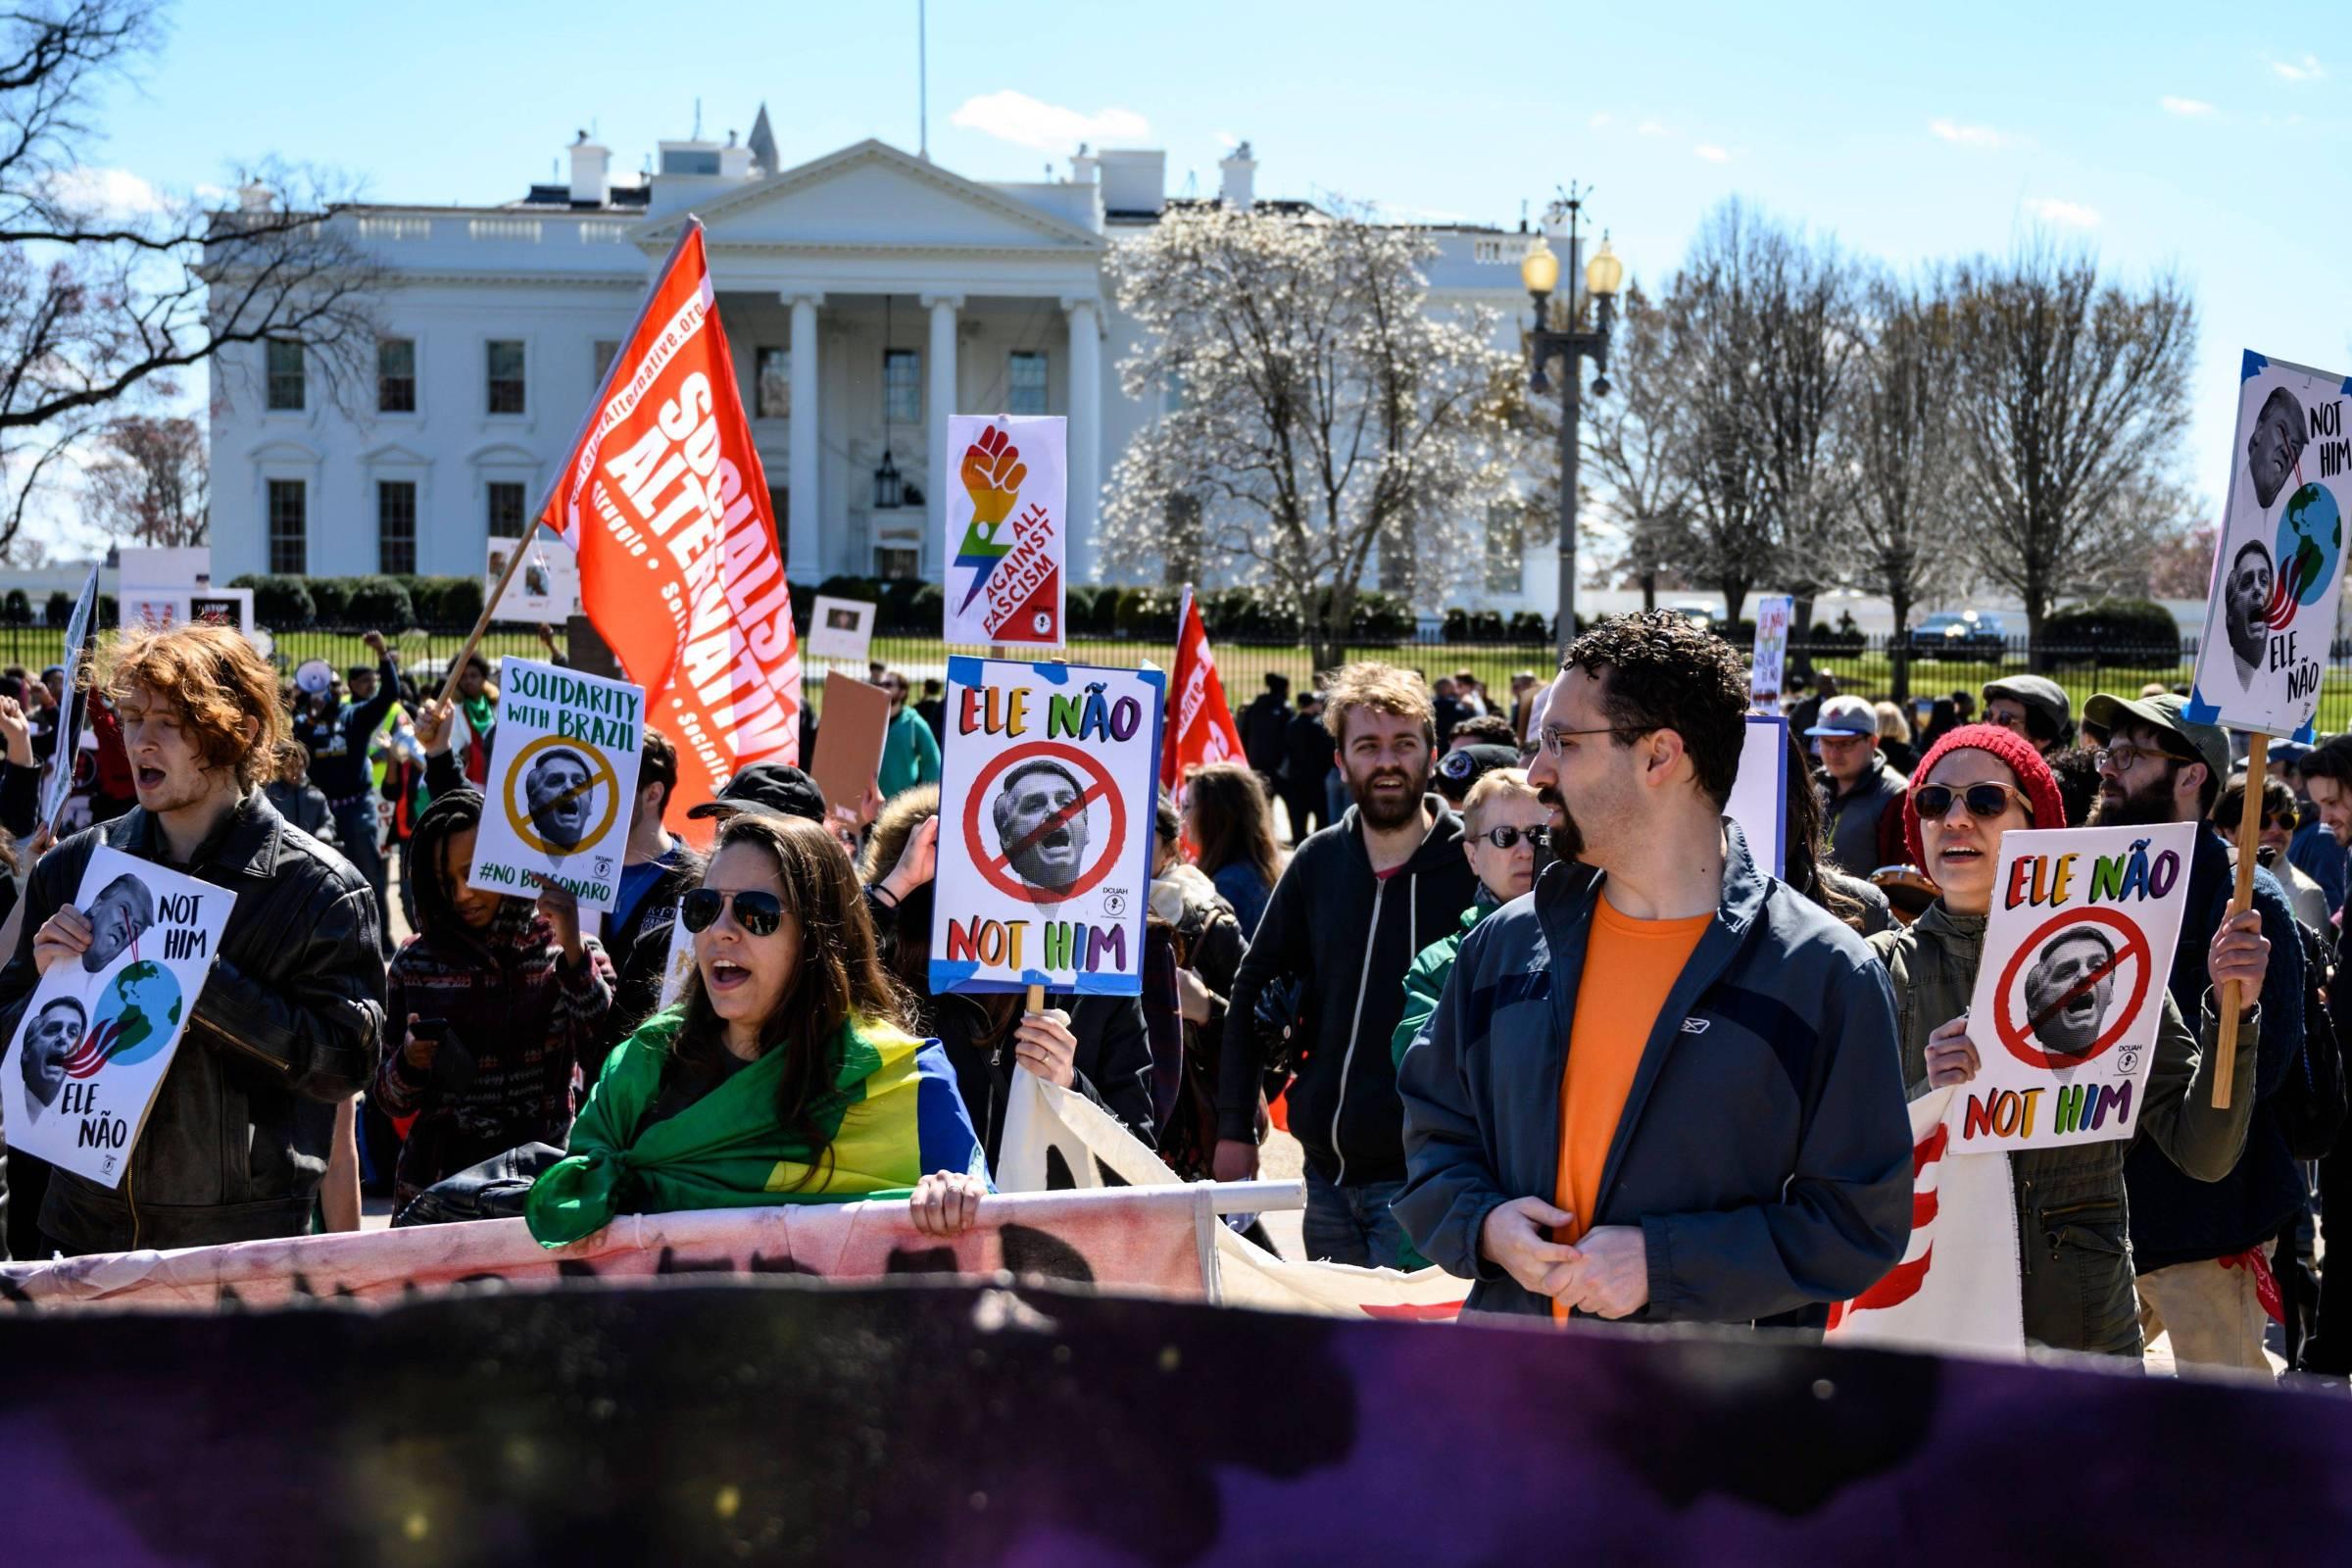 Protesto contra Bolsonaro reúne 50 pessoas em frente à Casa Branca